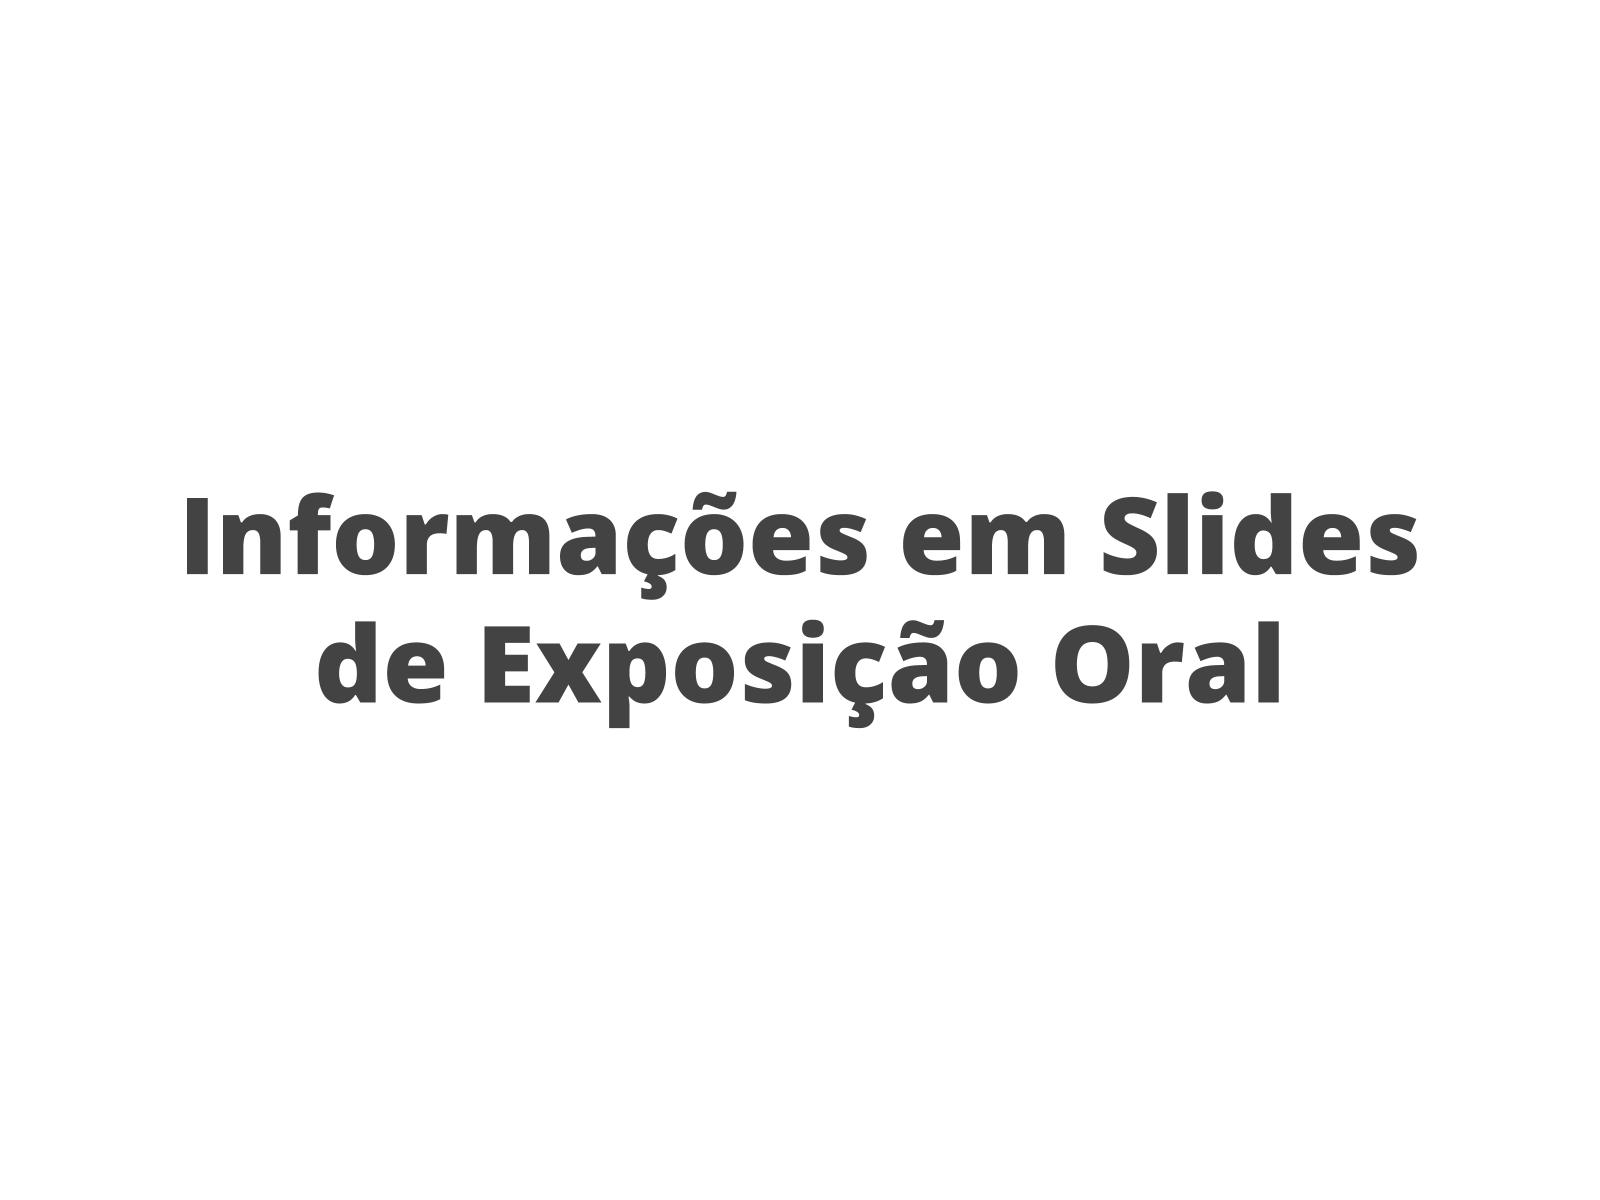 Síntese de informações em slides de Exposição Oral